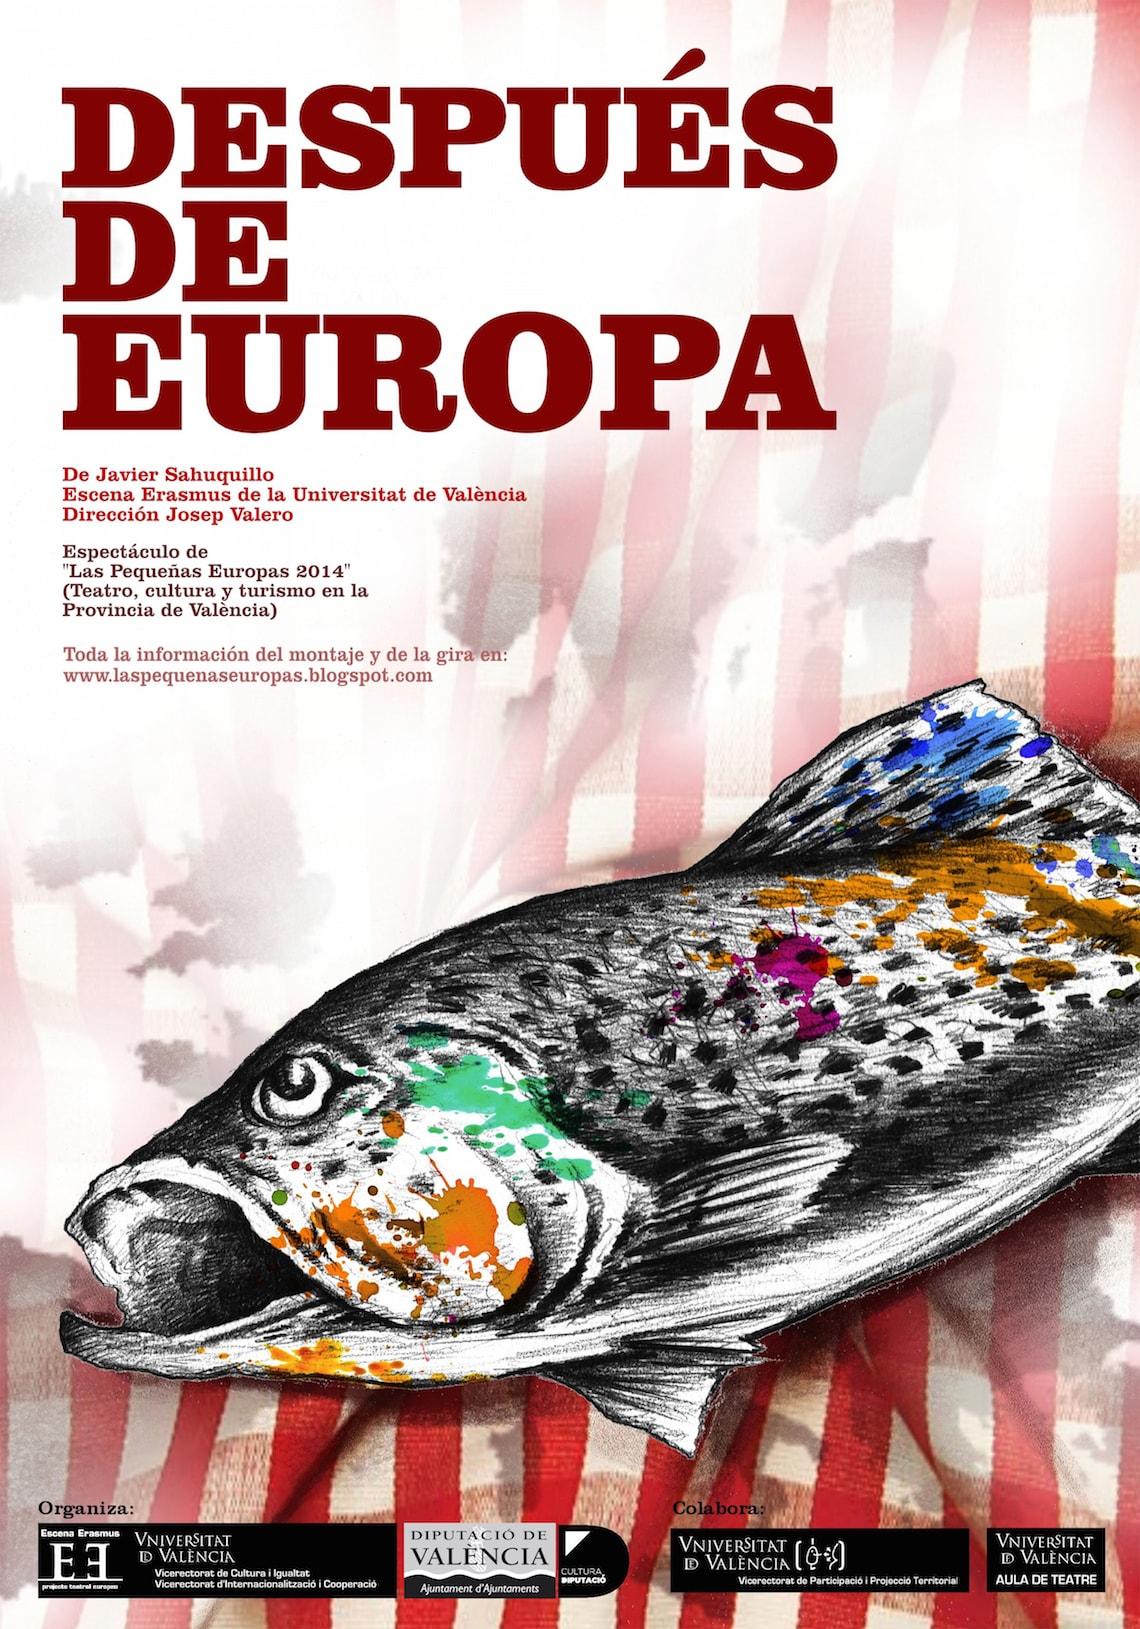 Después de Europa